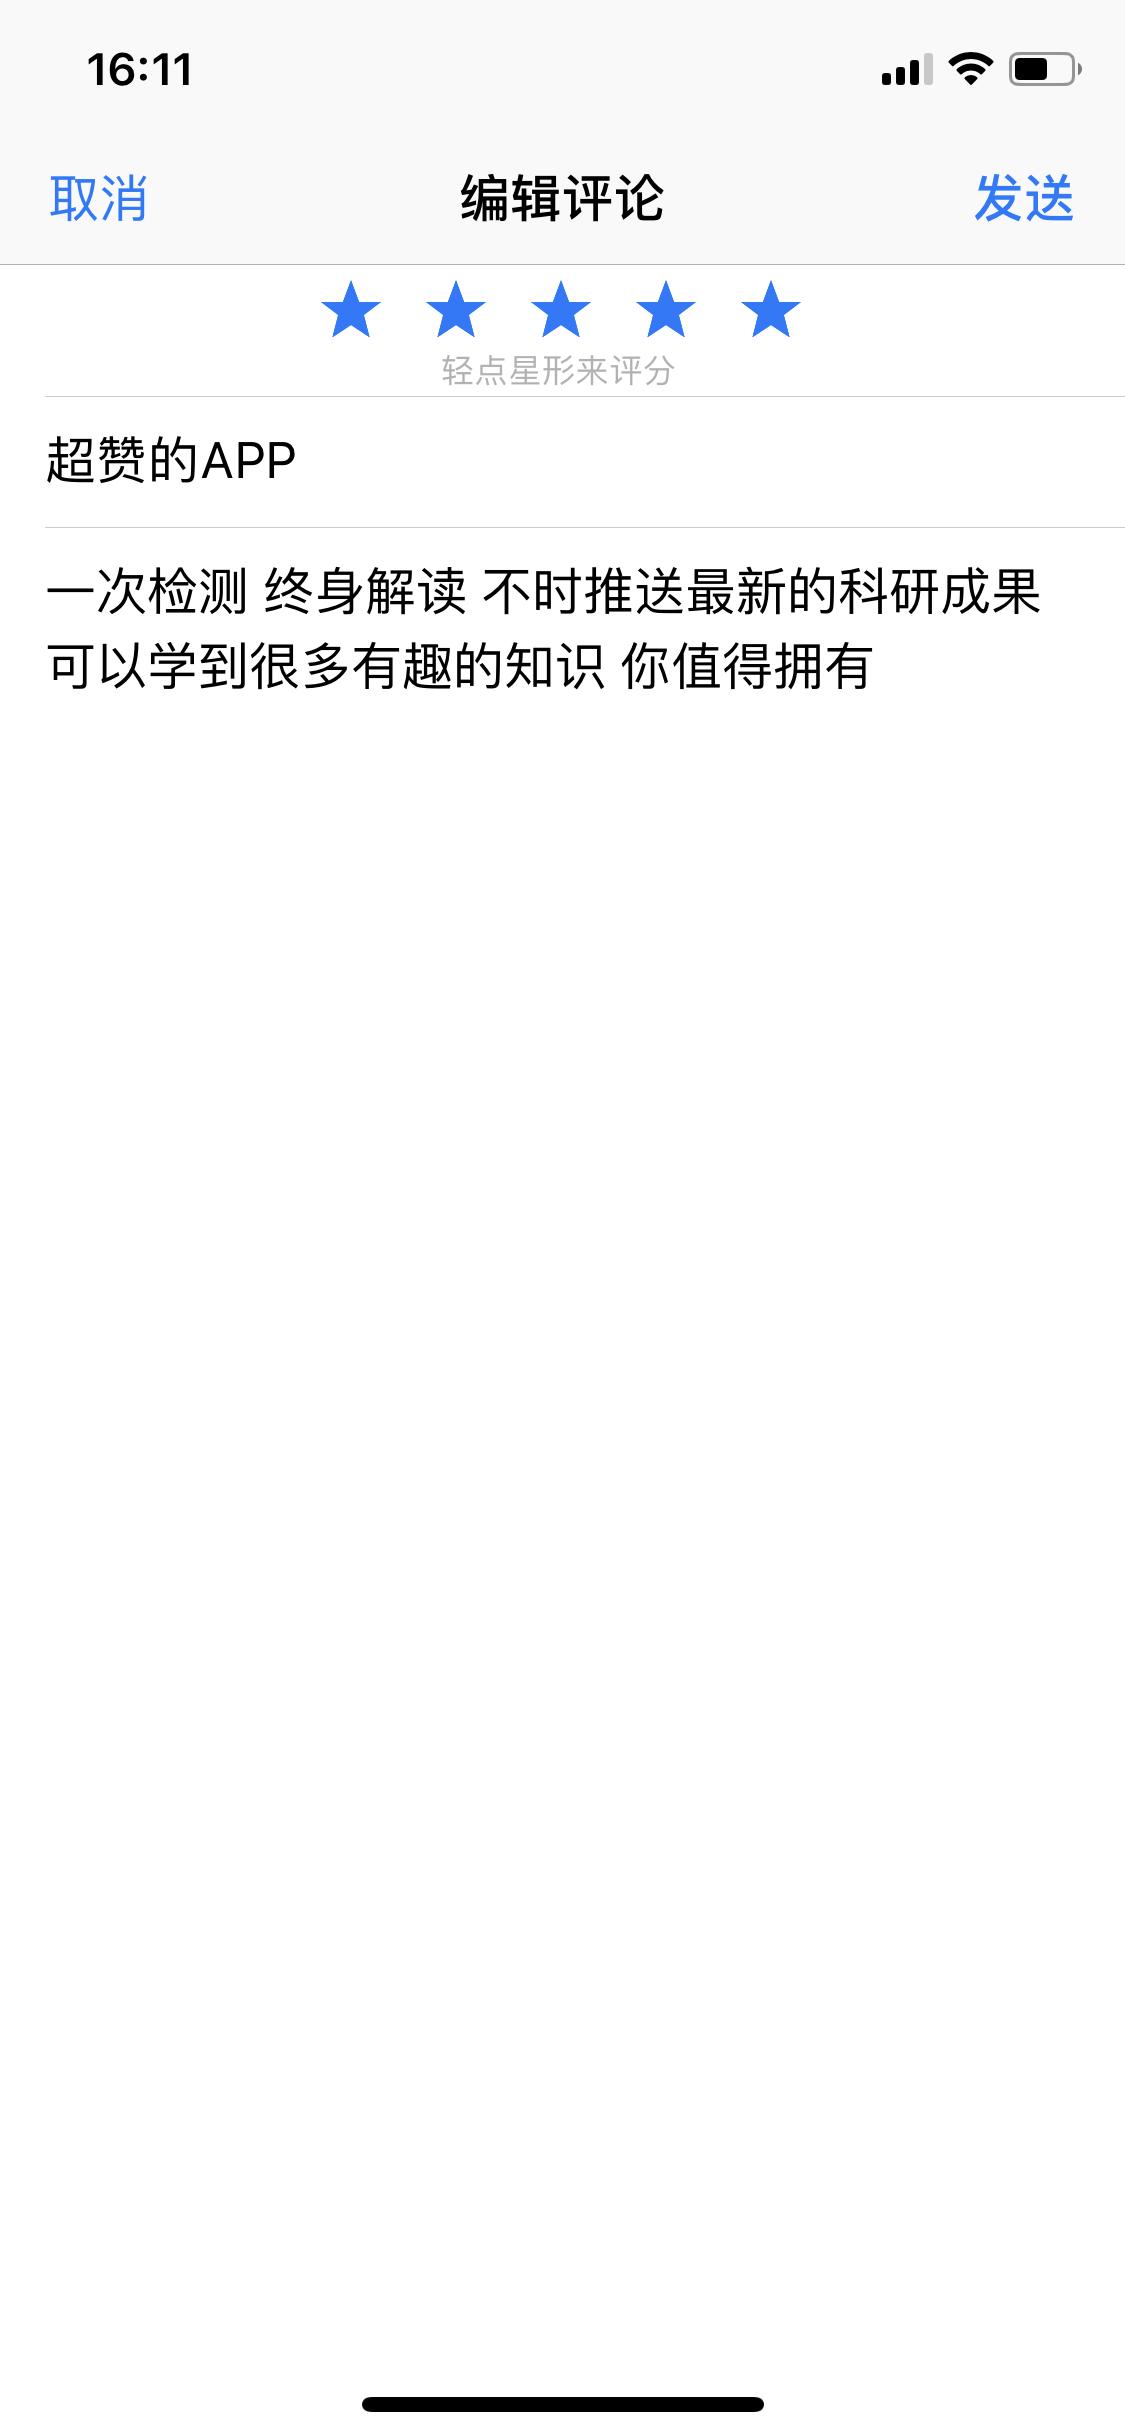 947fa0dc2d12d180ac9b948404db9615.jpg